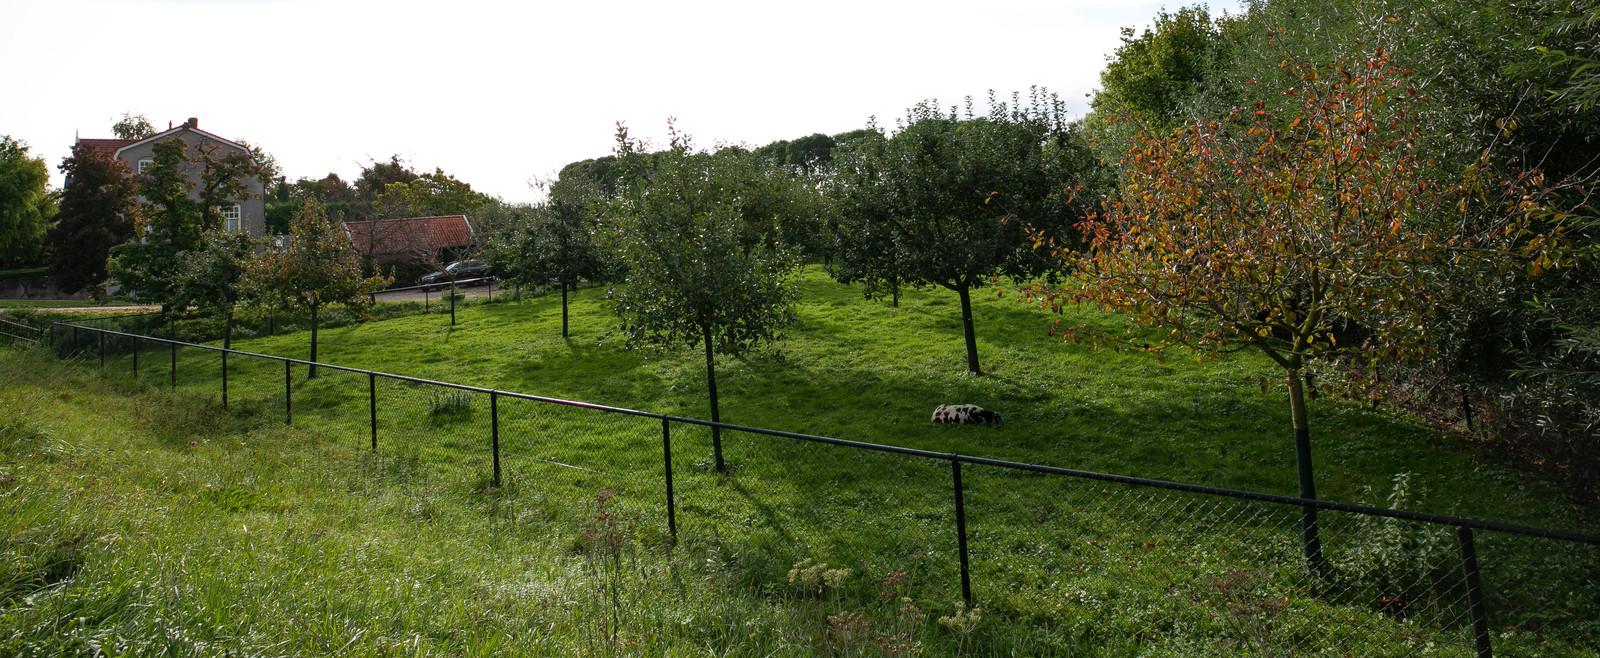 Het groene perceel van Peter de Vries in Rossum.